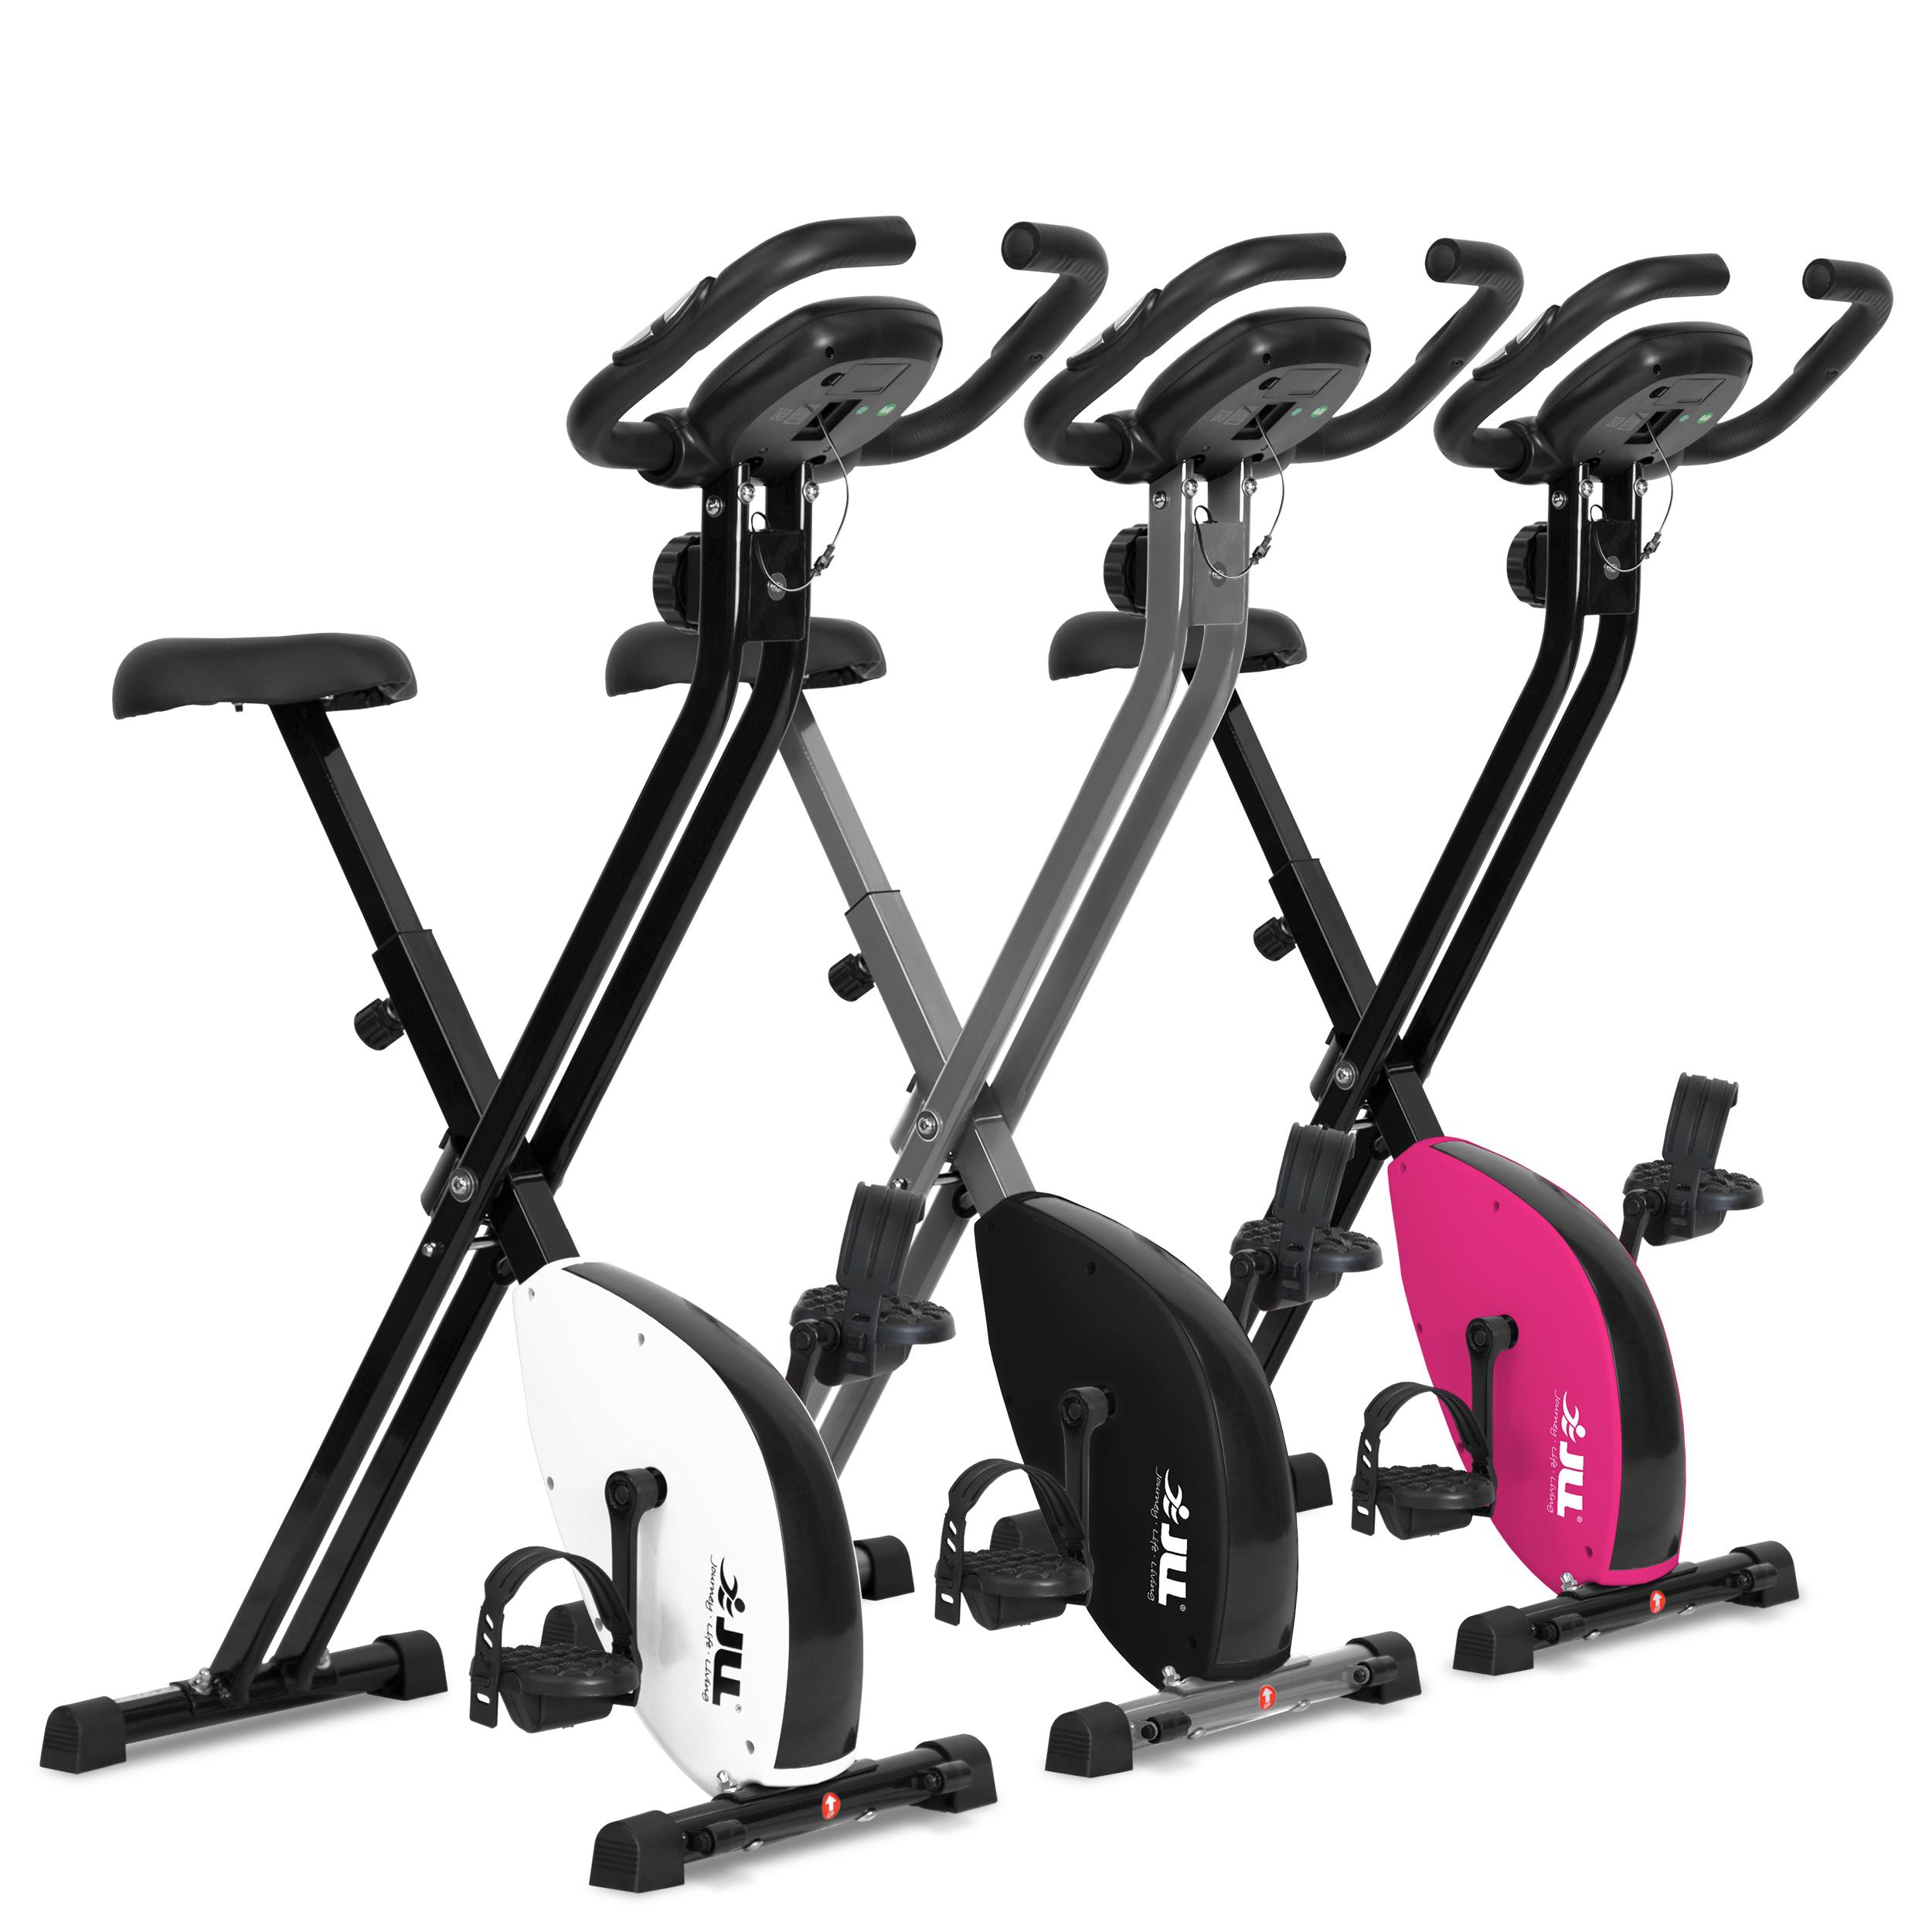 jll vxbike folding exercise bikes